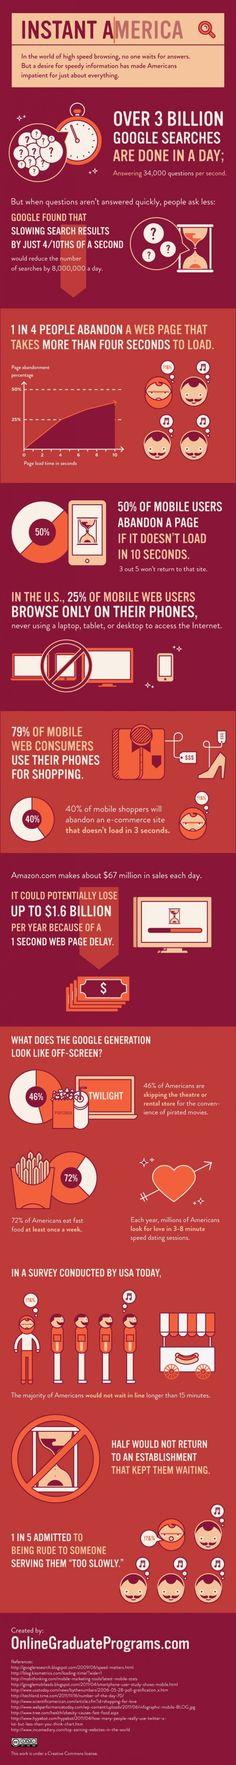 impact d'un temps de chargement trop long sur les revenus web.